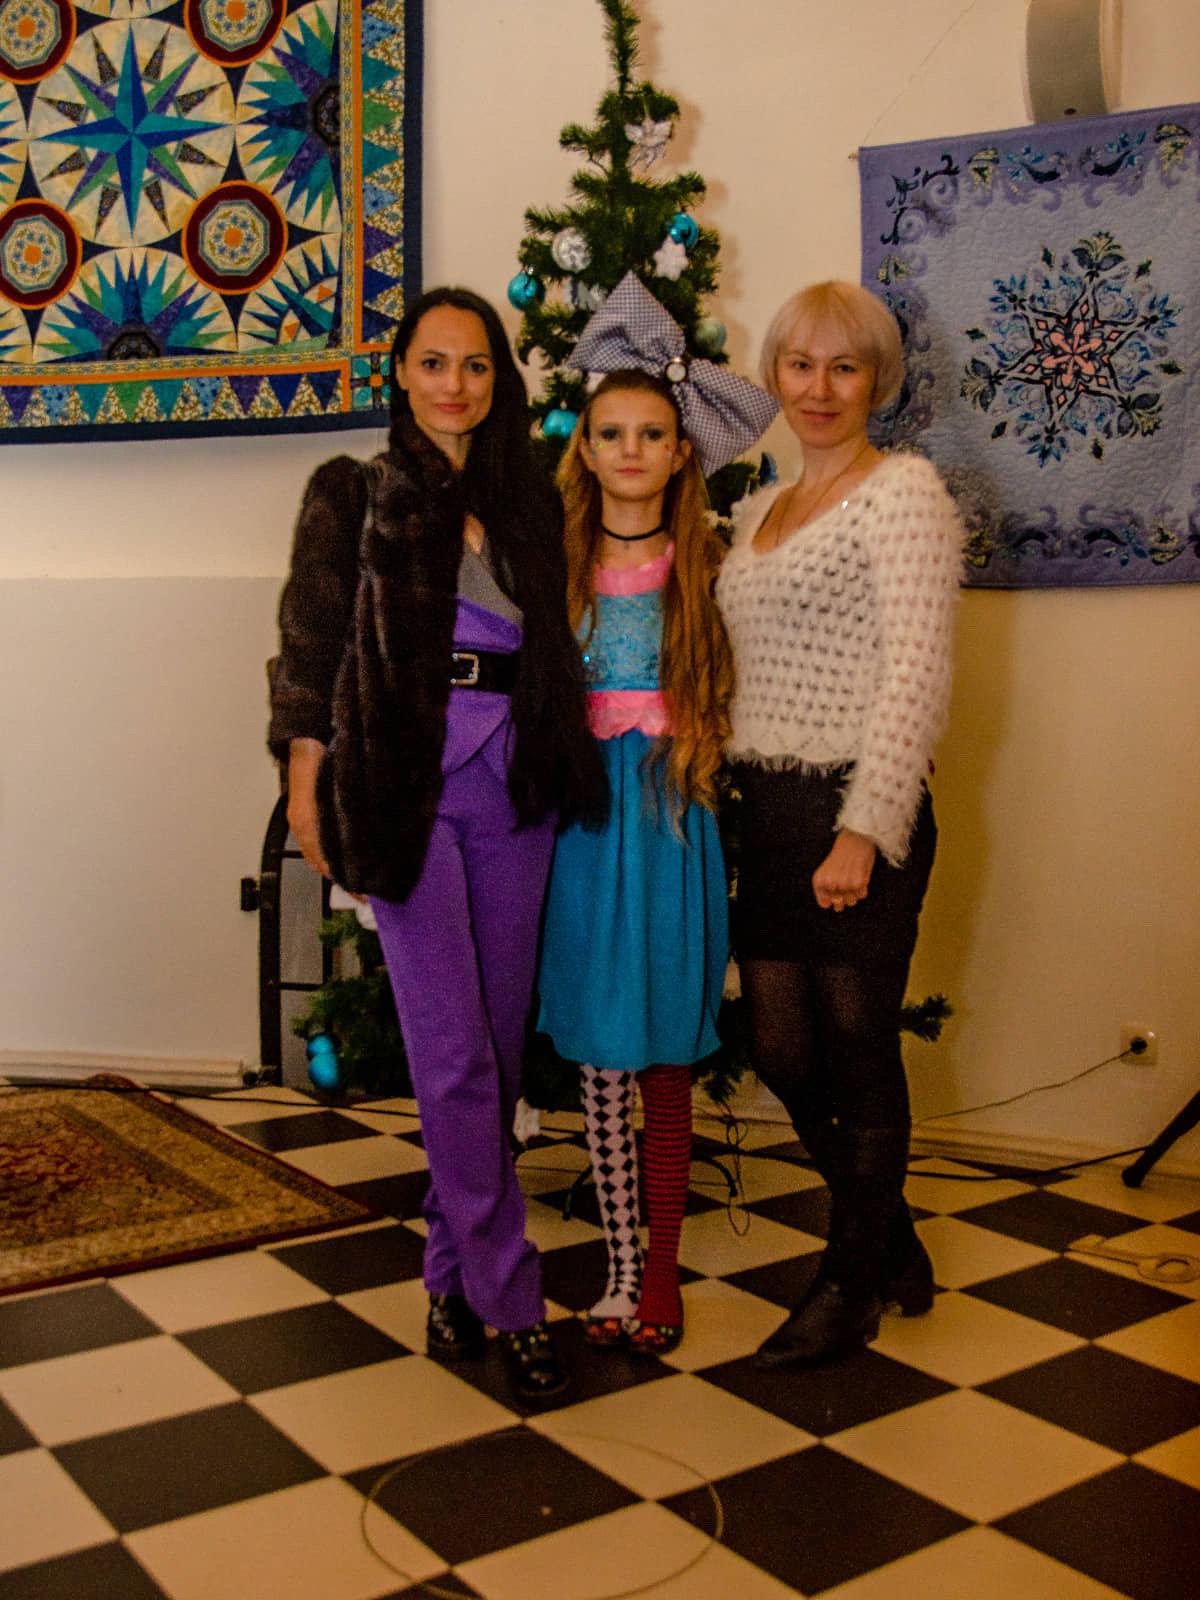 Юная дружковчанка представила собственную коллекцию одежды в резиденции Святого Николая (ФОТО), фото-7